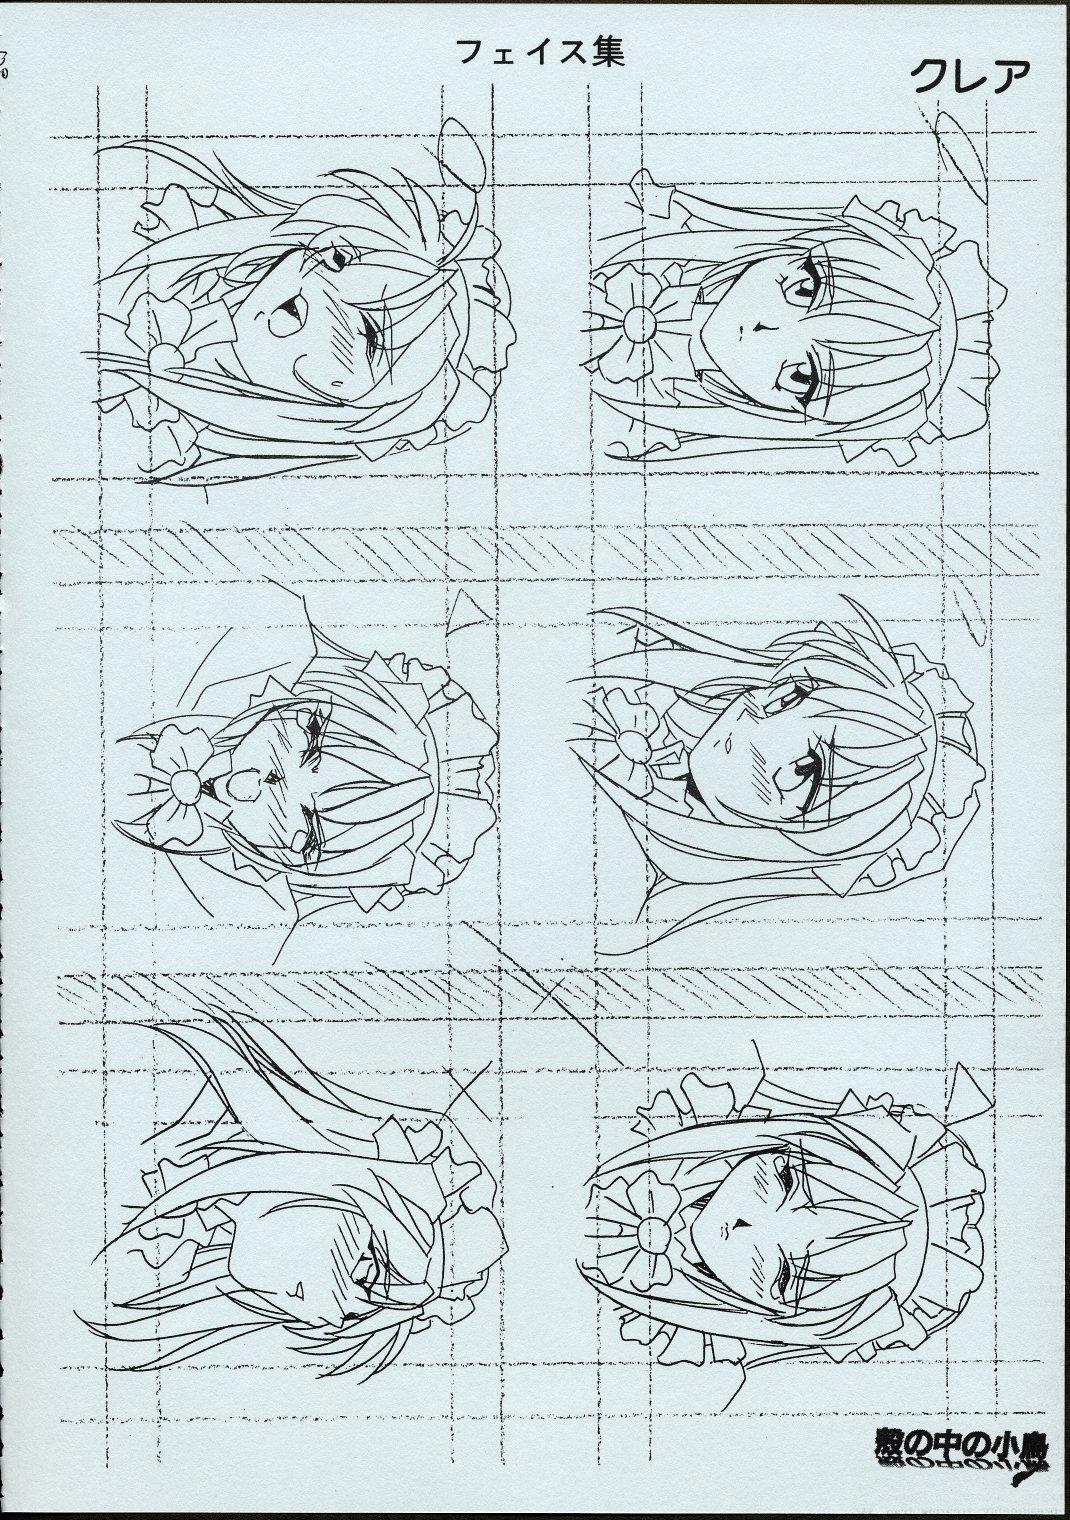 Maid-san kihonkei 28